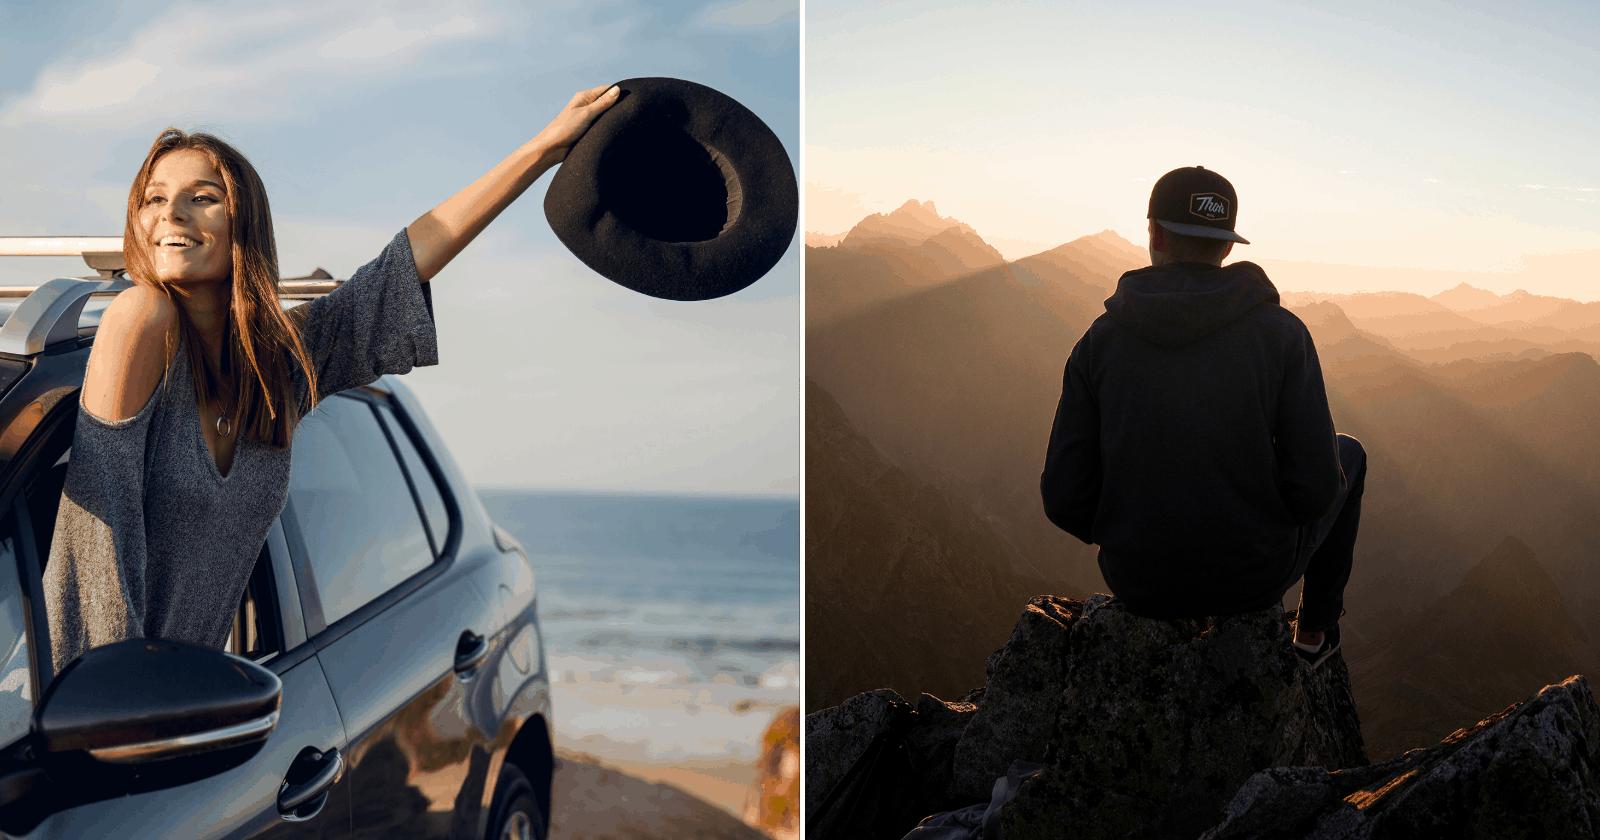 72 Frases inteligentes sobre a vida que te farão refletir